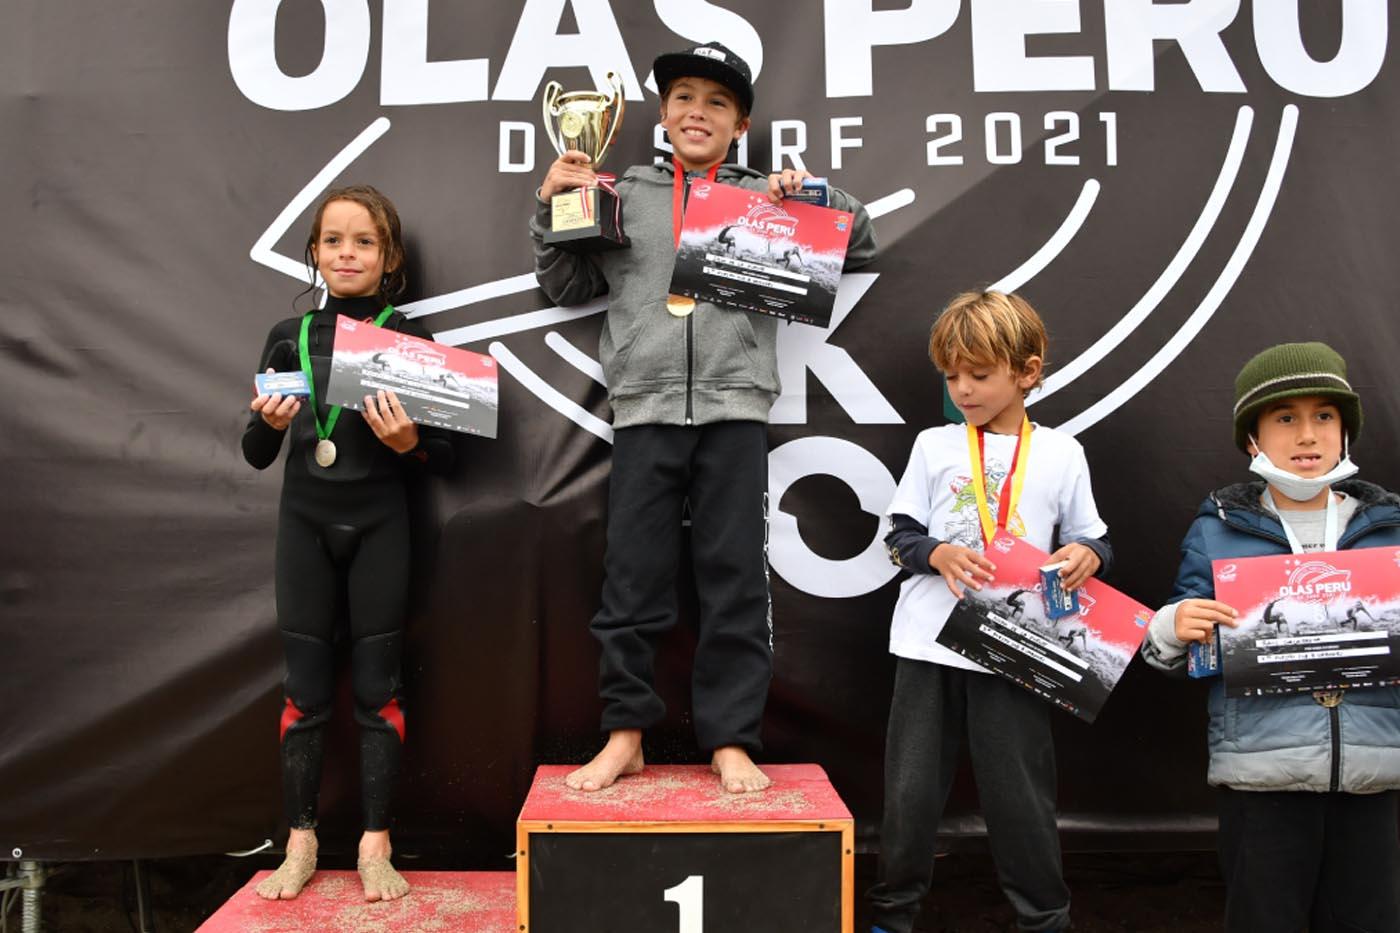 San Bartolo se lució con tremendos tablistas en la 1era fecha del Circuito Semillero Olas Peru 2021